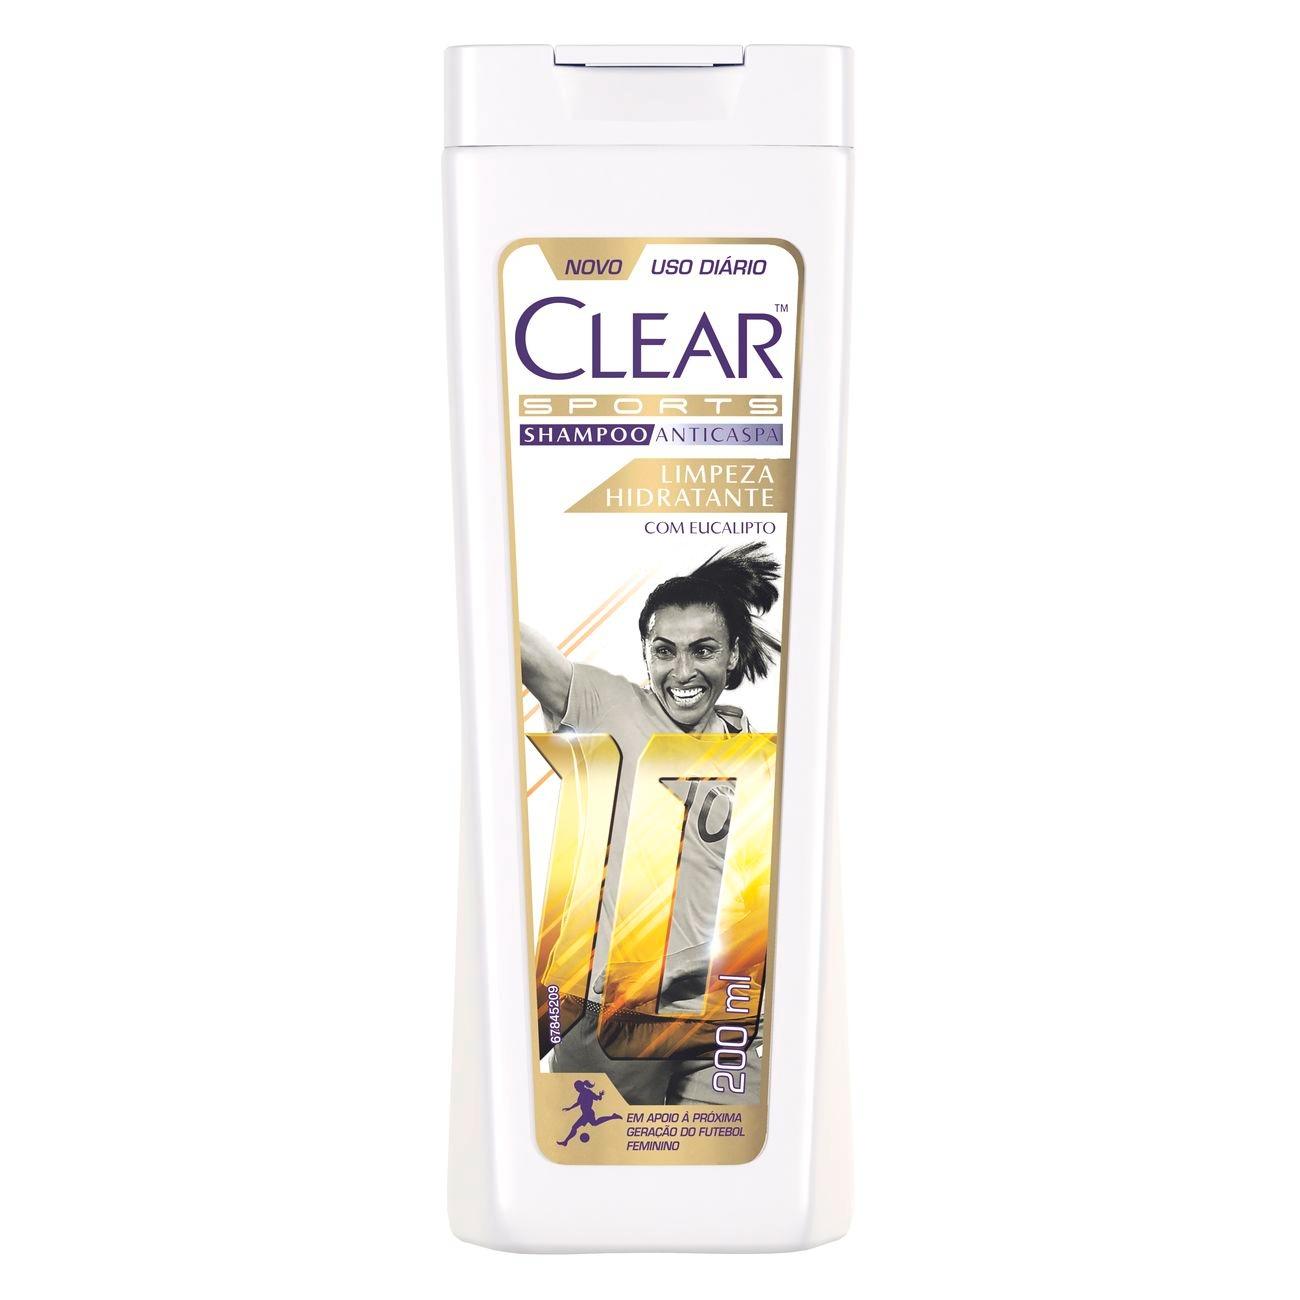 SH CLEAR SPORTS LIMP HIDRATANTE 1X200(12